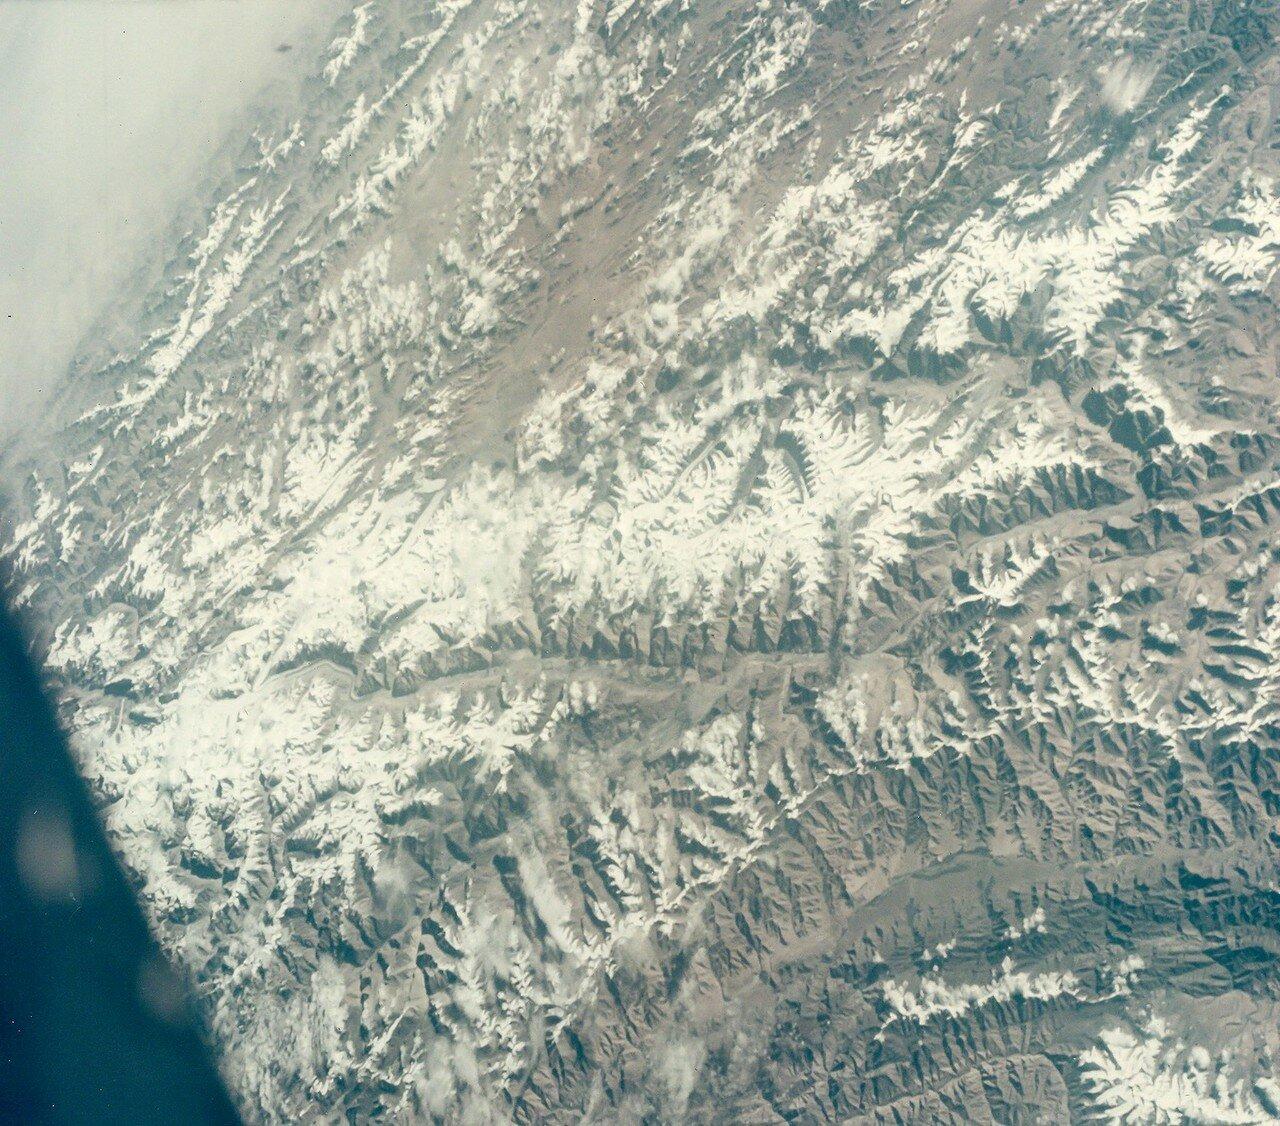 38. 1965, август. Китай из космоса в районе границы Кашмира и провинции Сычуань во время полета «Джемини»-5